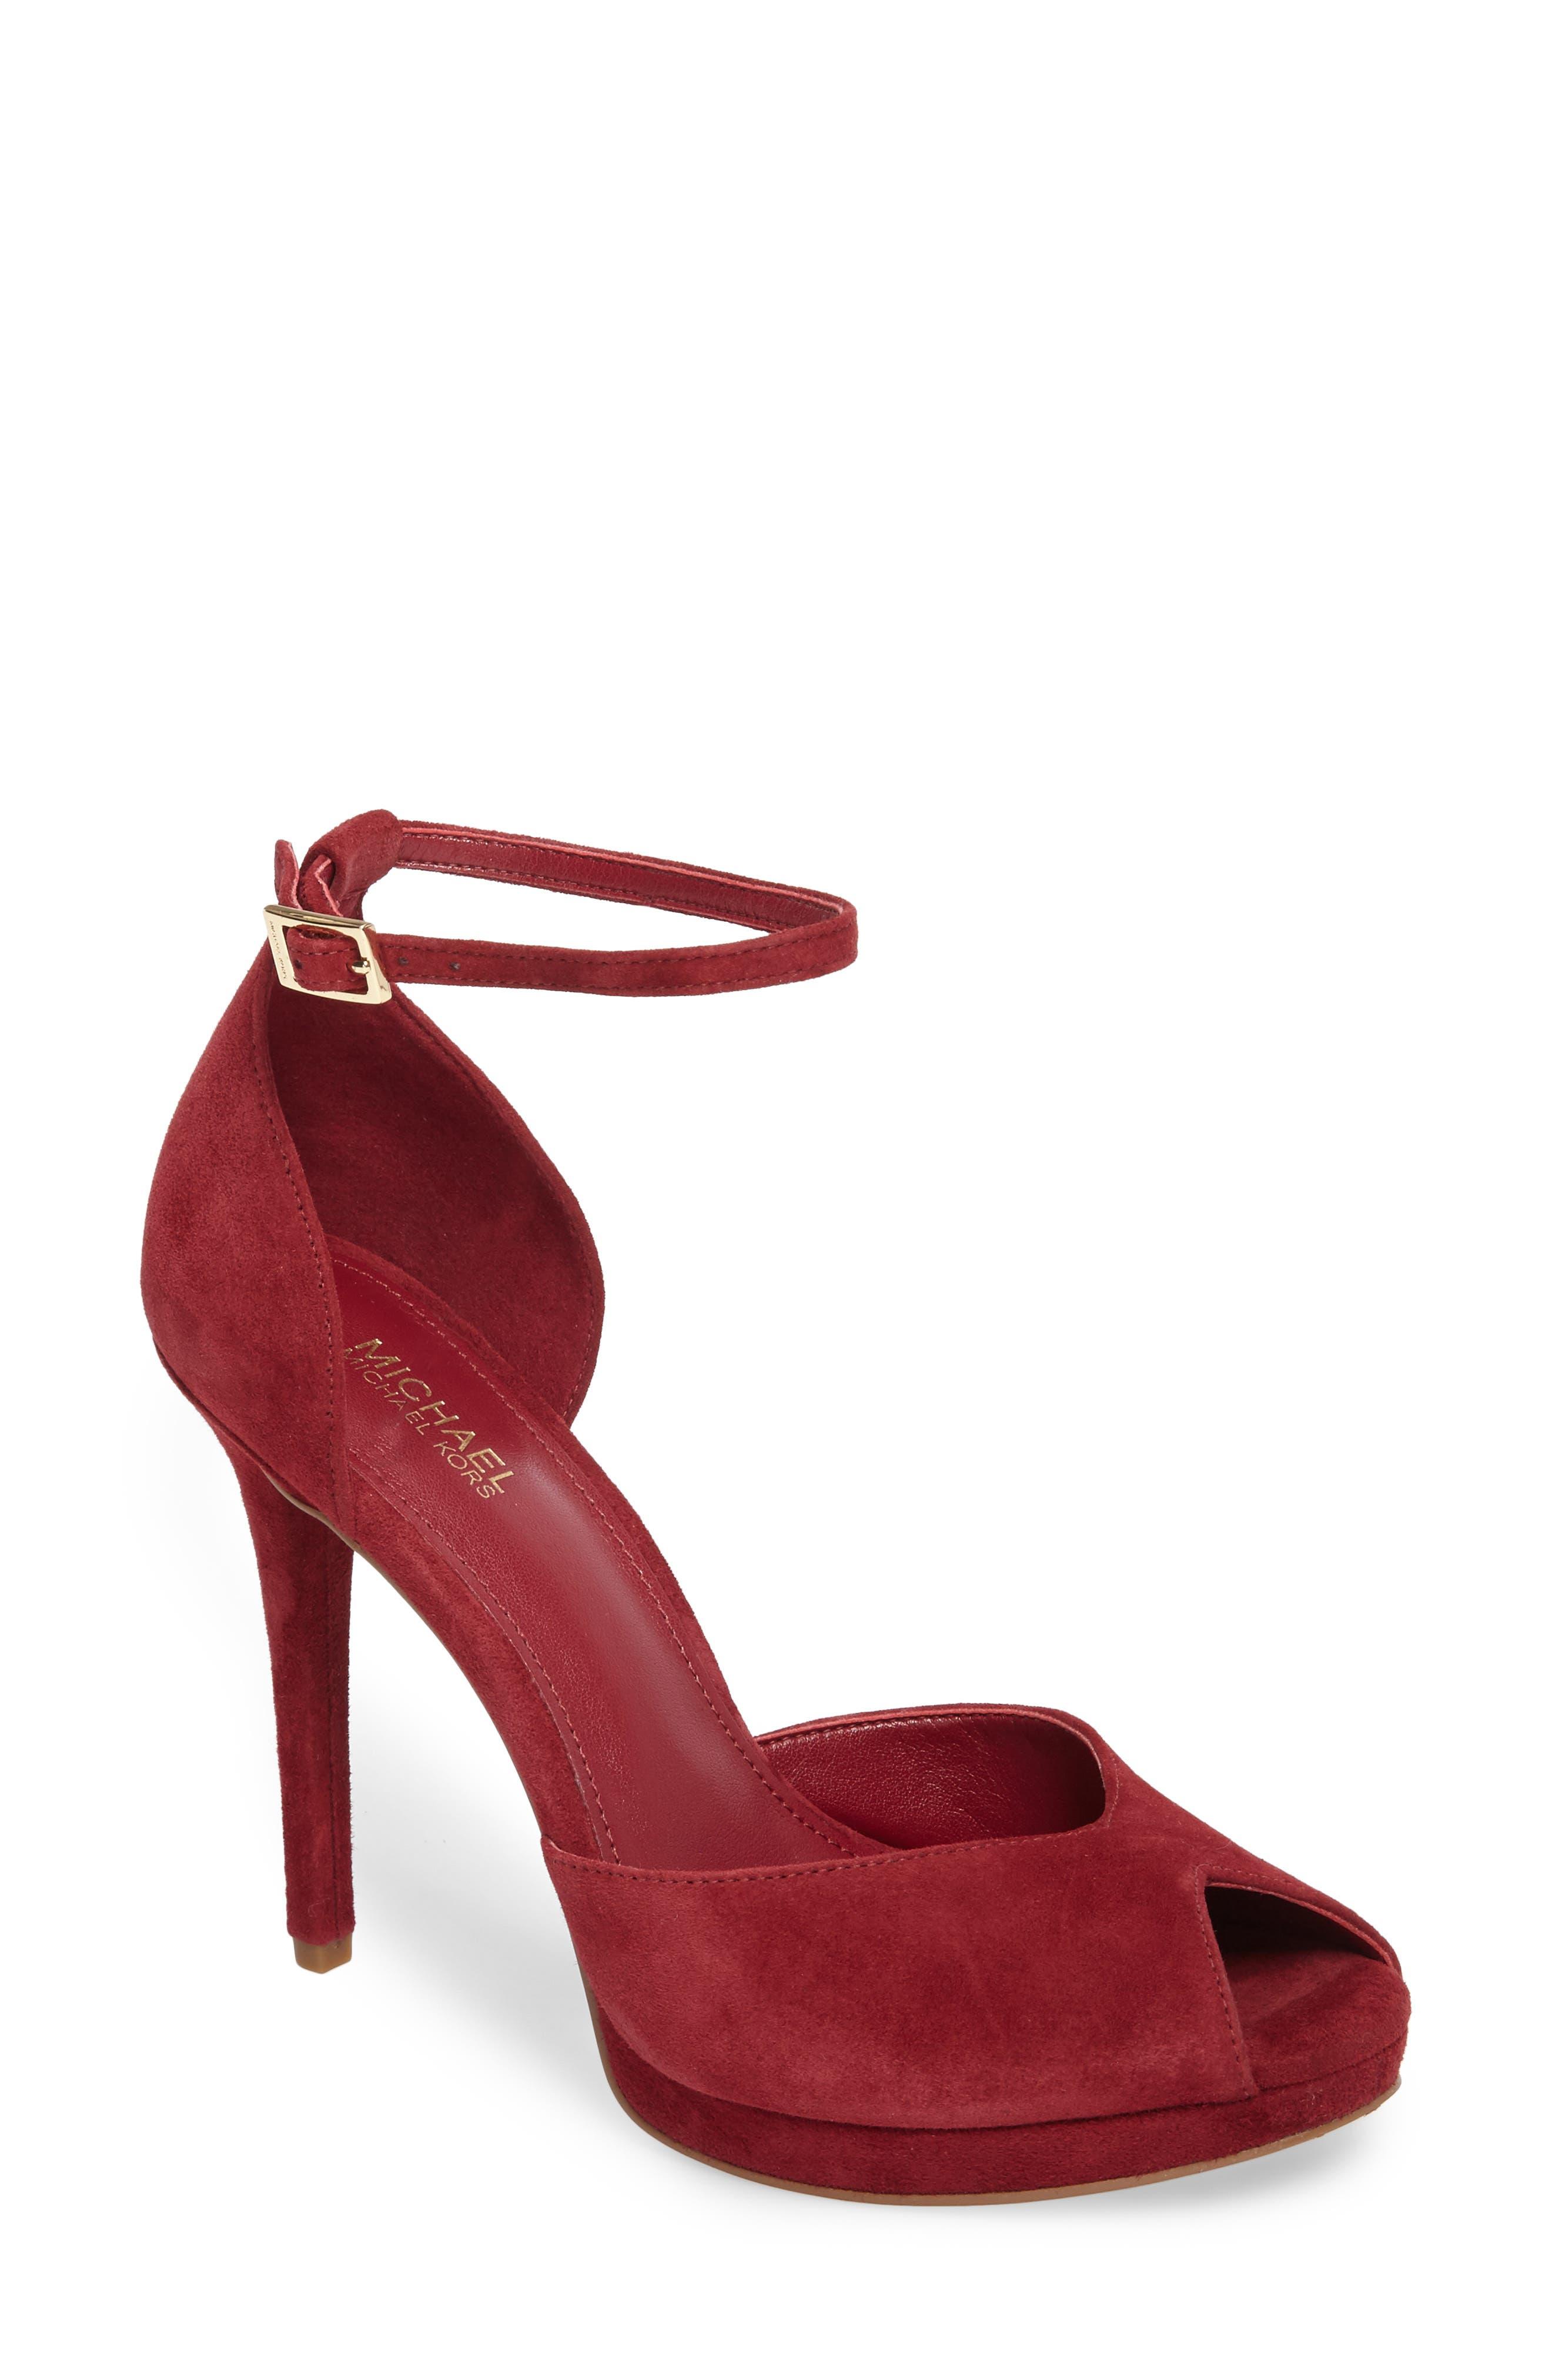 Alternate Image 1 Selected - MICHAEL Michael Kors Tiegan Sandal (Women)